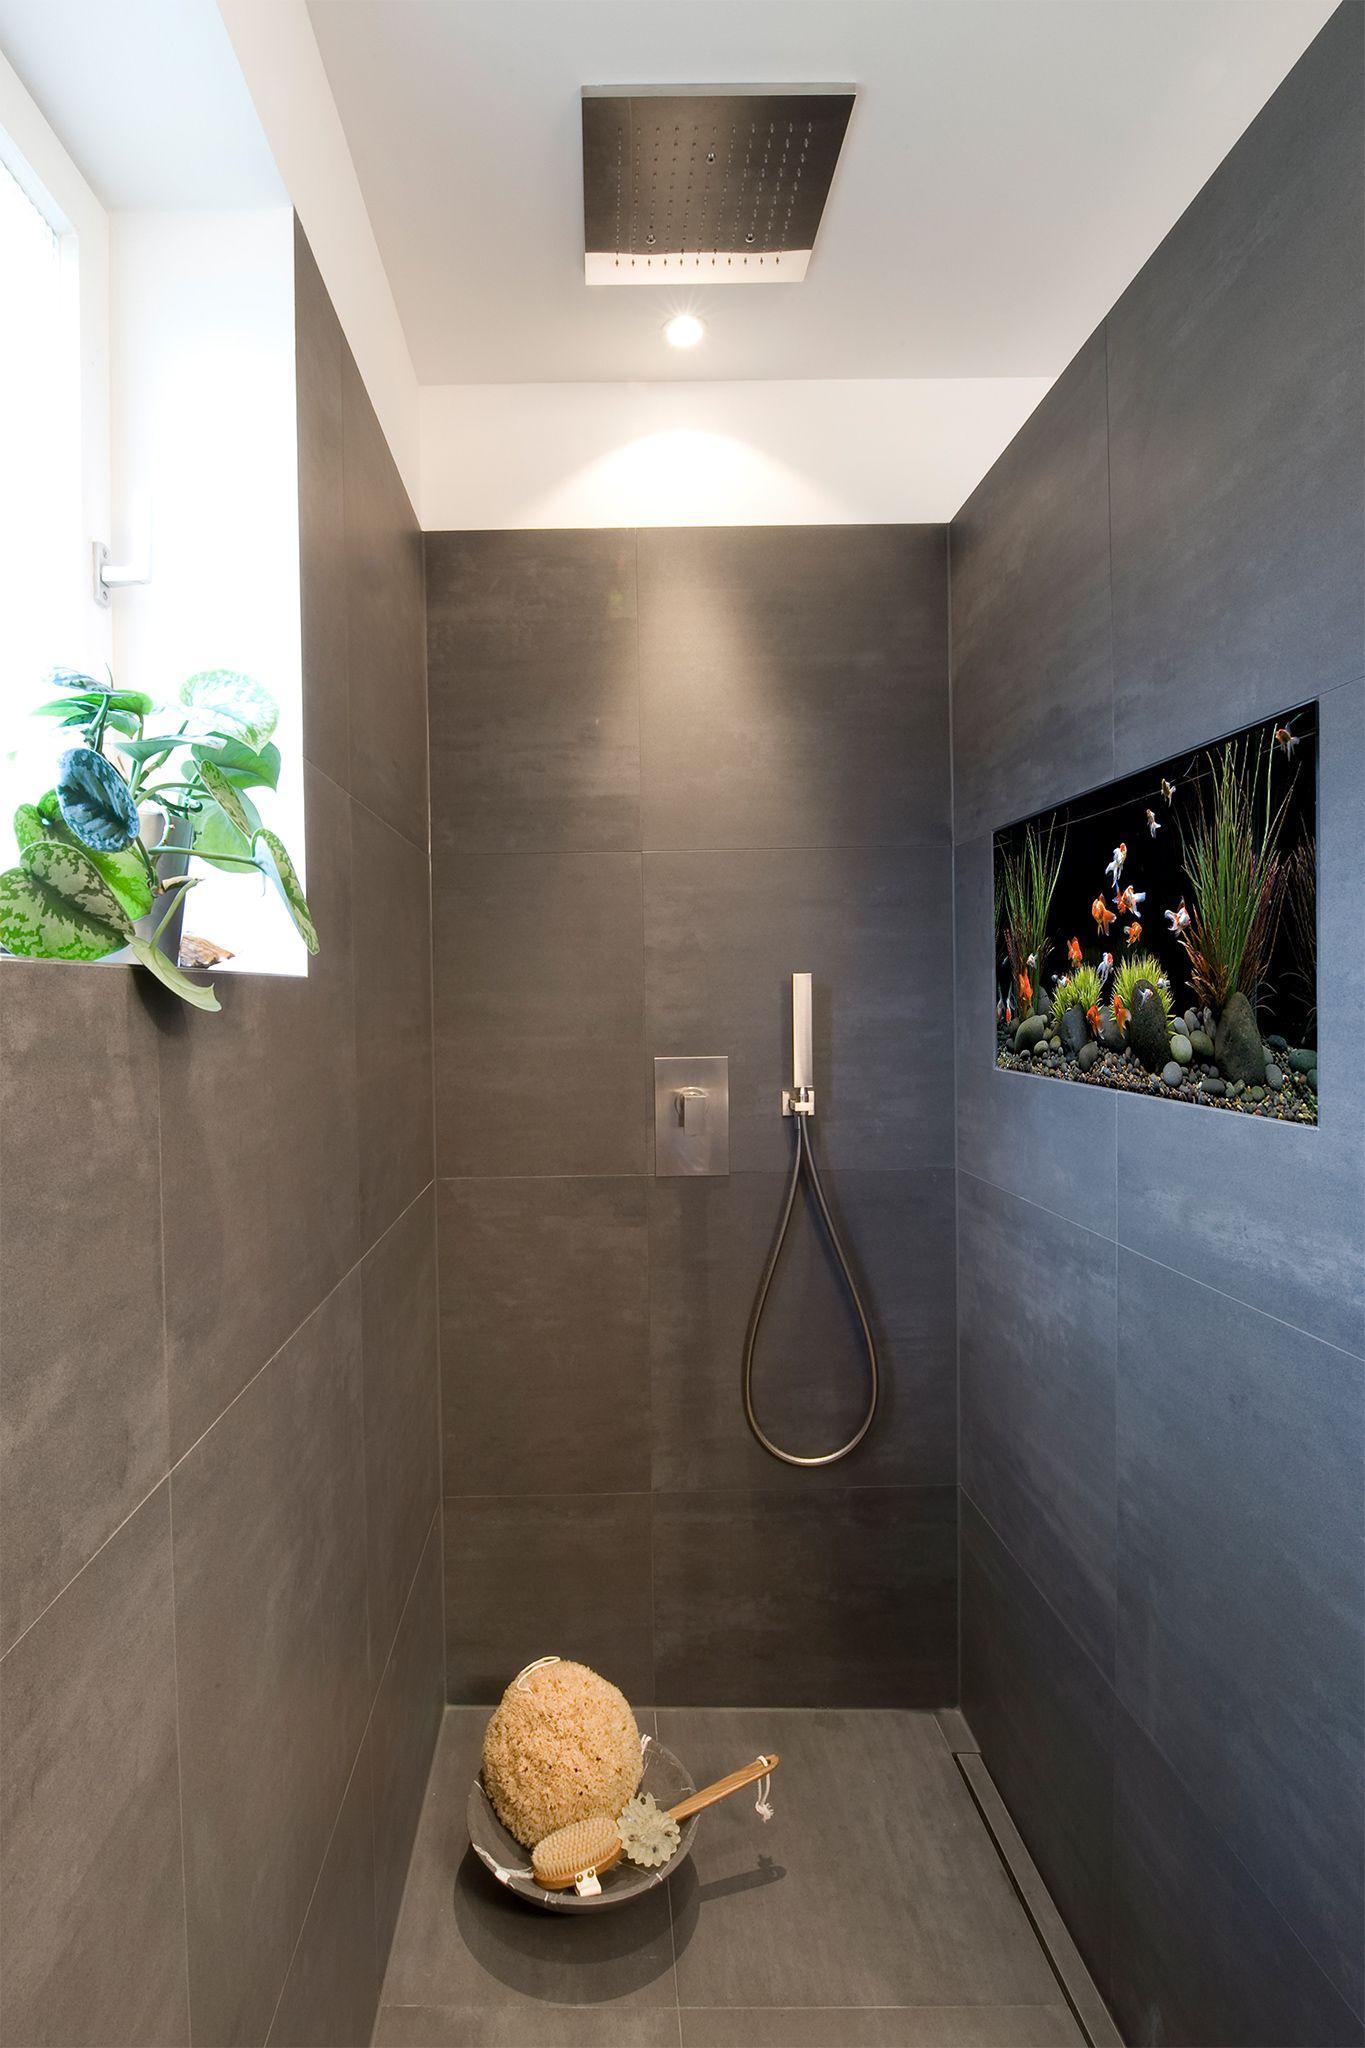 Dusche halbhoch gemauert glas  Walk-In-Dusche mit Aquarium | Schöne Walk-In-Duschen | Pinterest ...